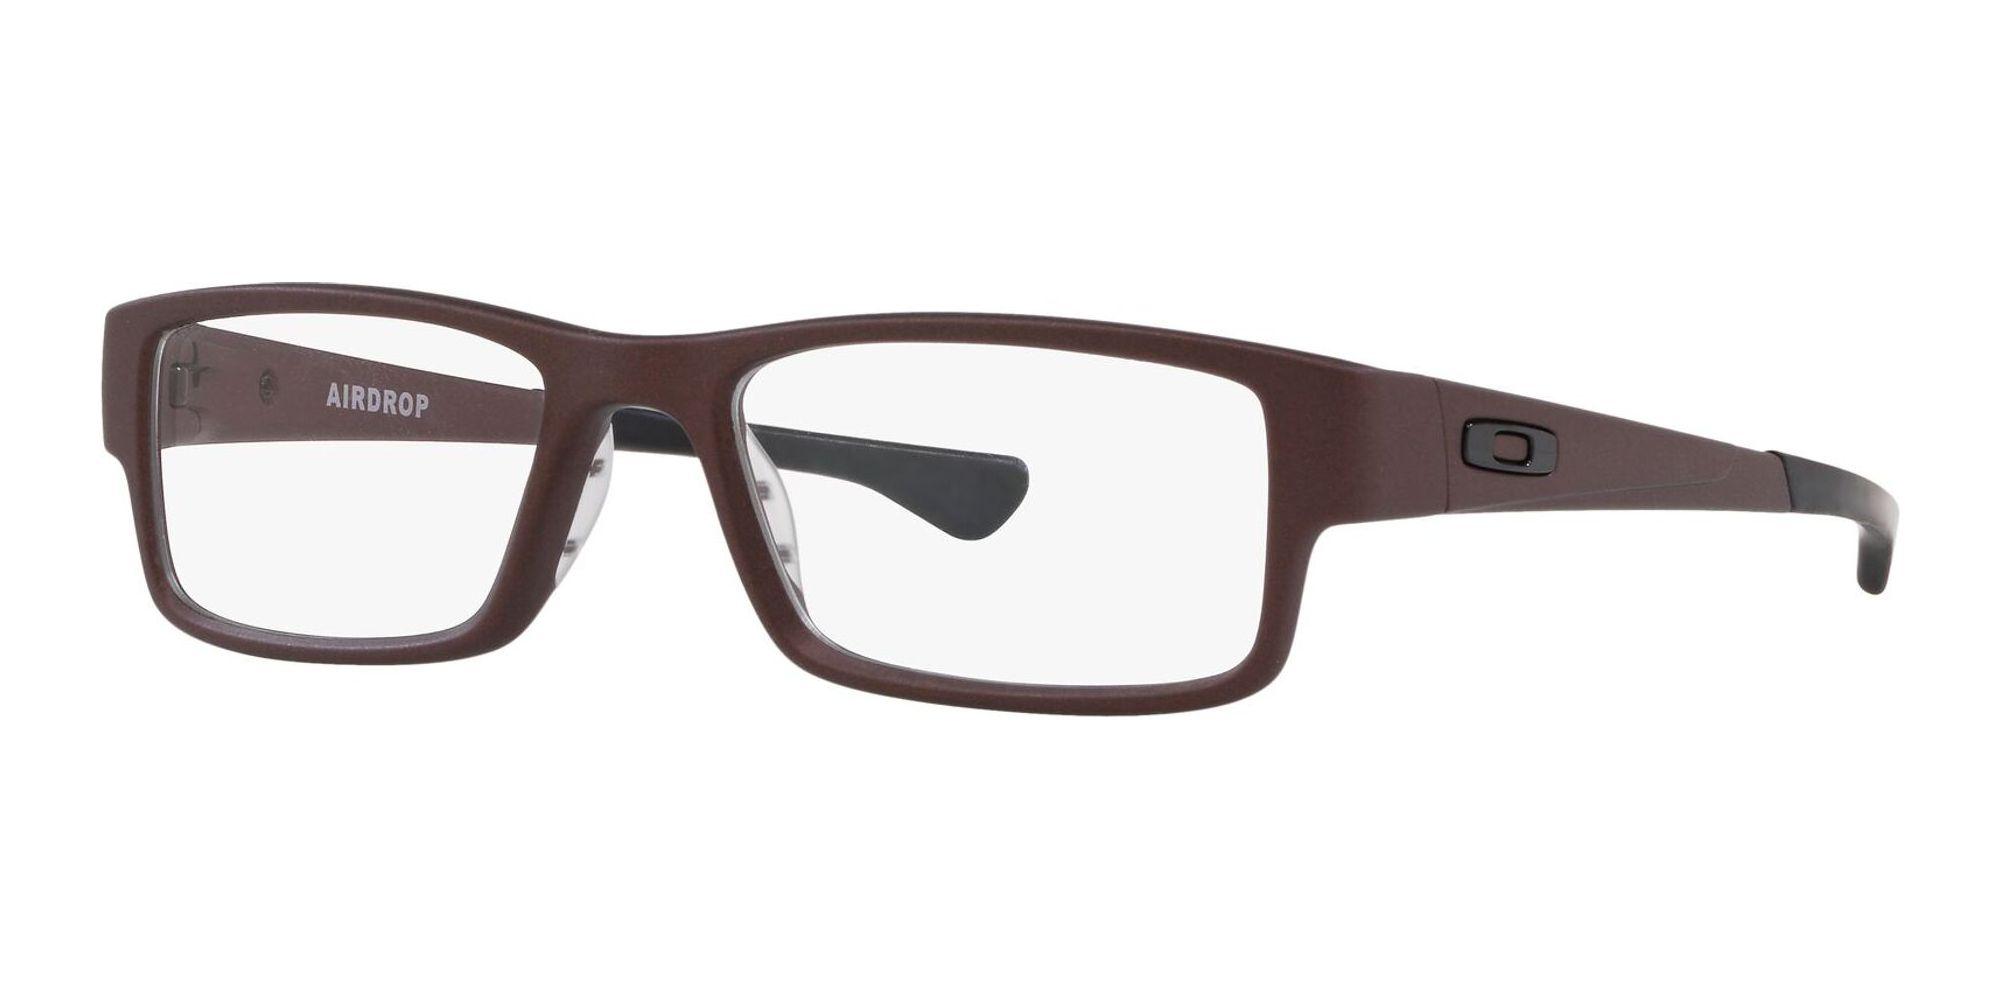 Oakley brillen AIRDROP OX 8046